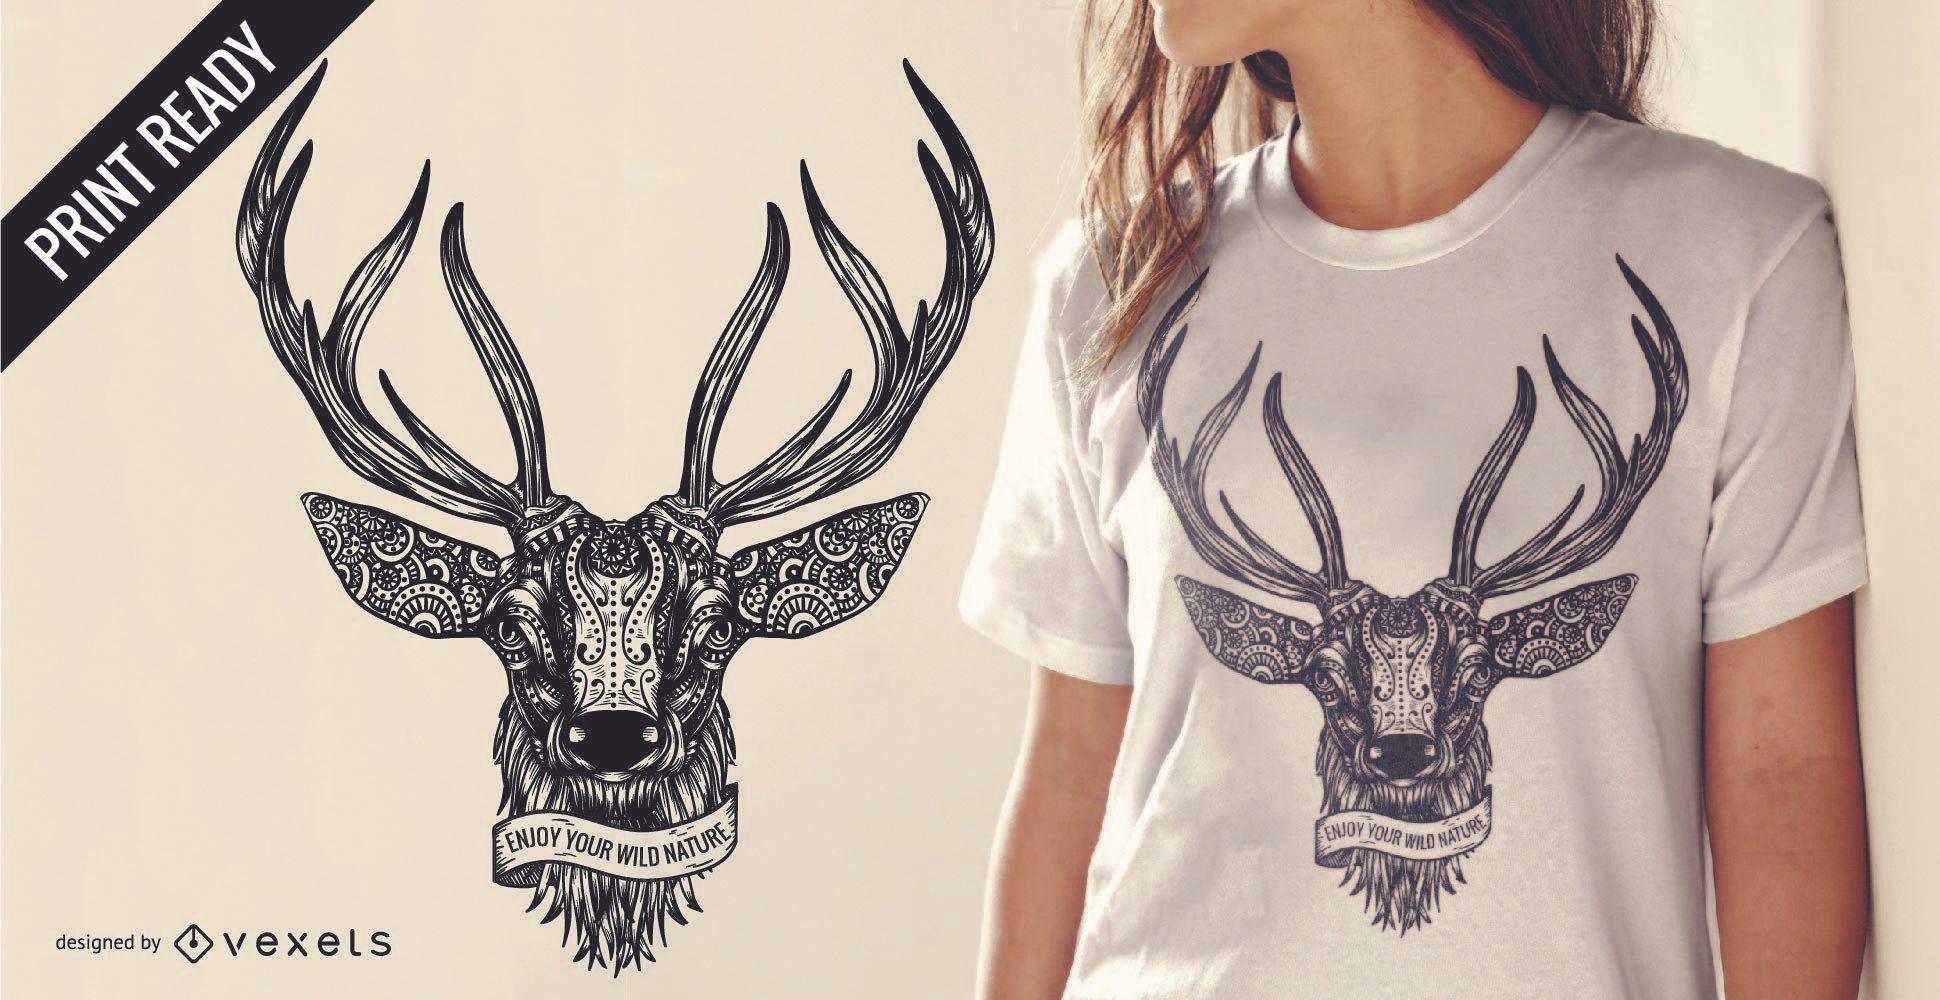 Dise?o de camiseta de ilustraci?n de ciervo con texto